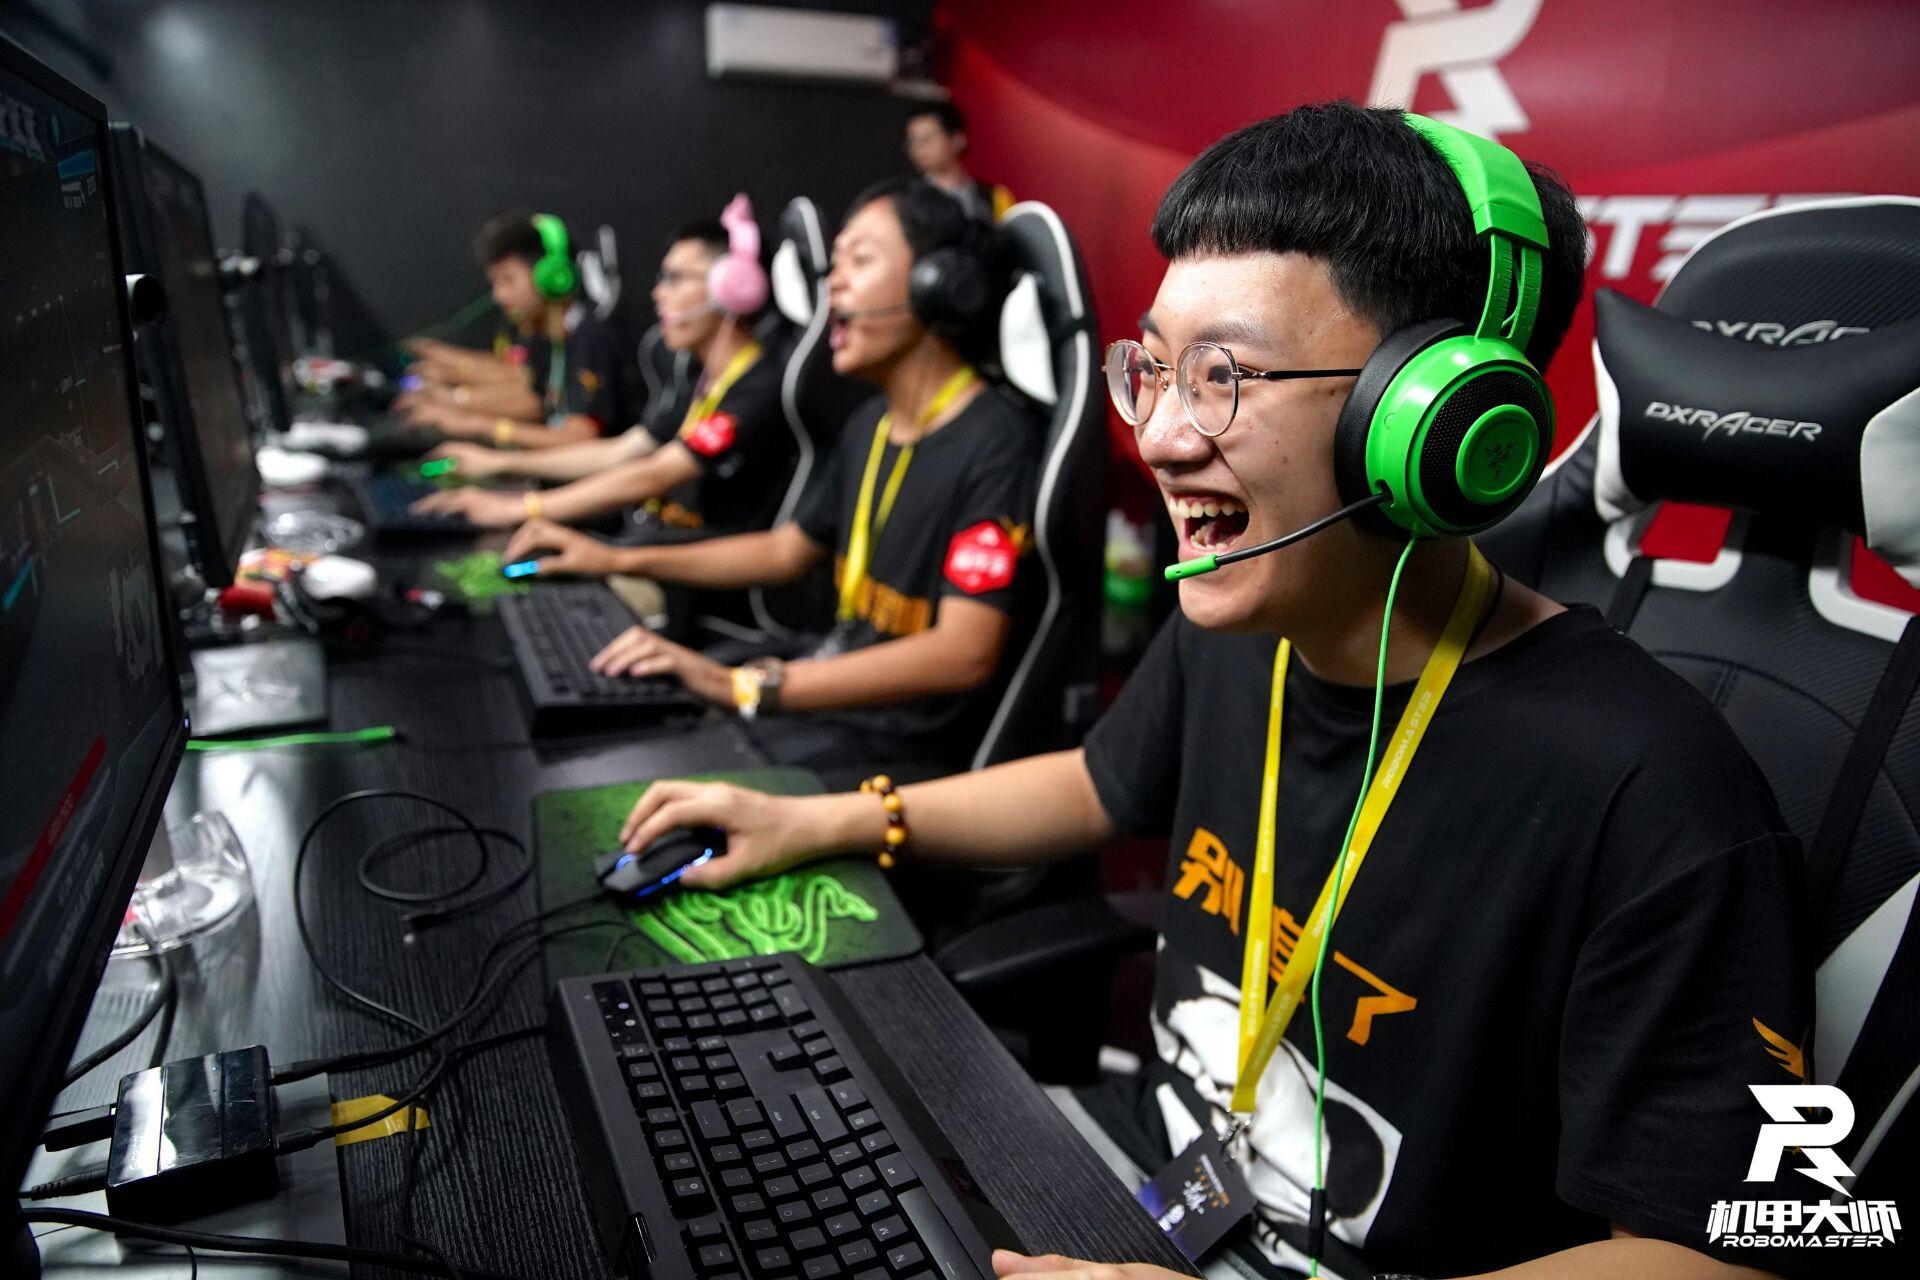 中国石油大学(华东)RPS战队操作手比赛,活动赞助,高校活动,校园活动